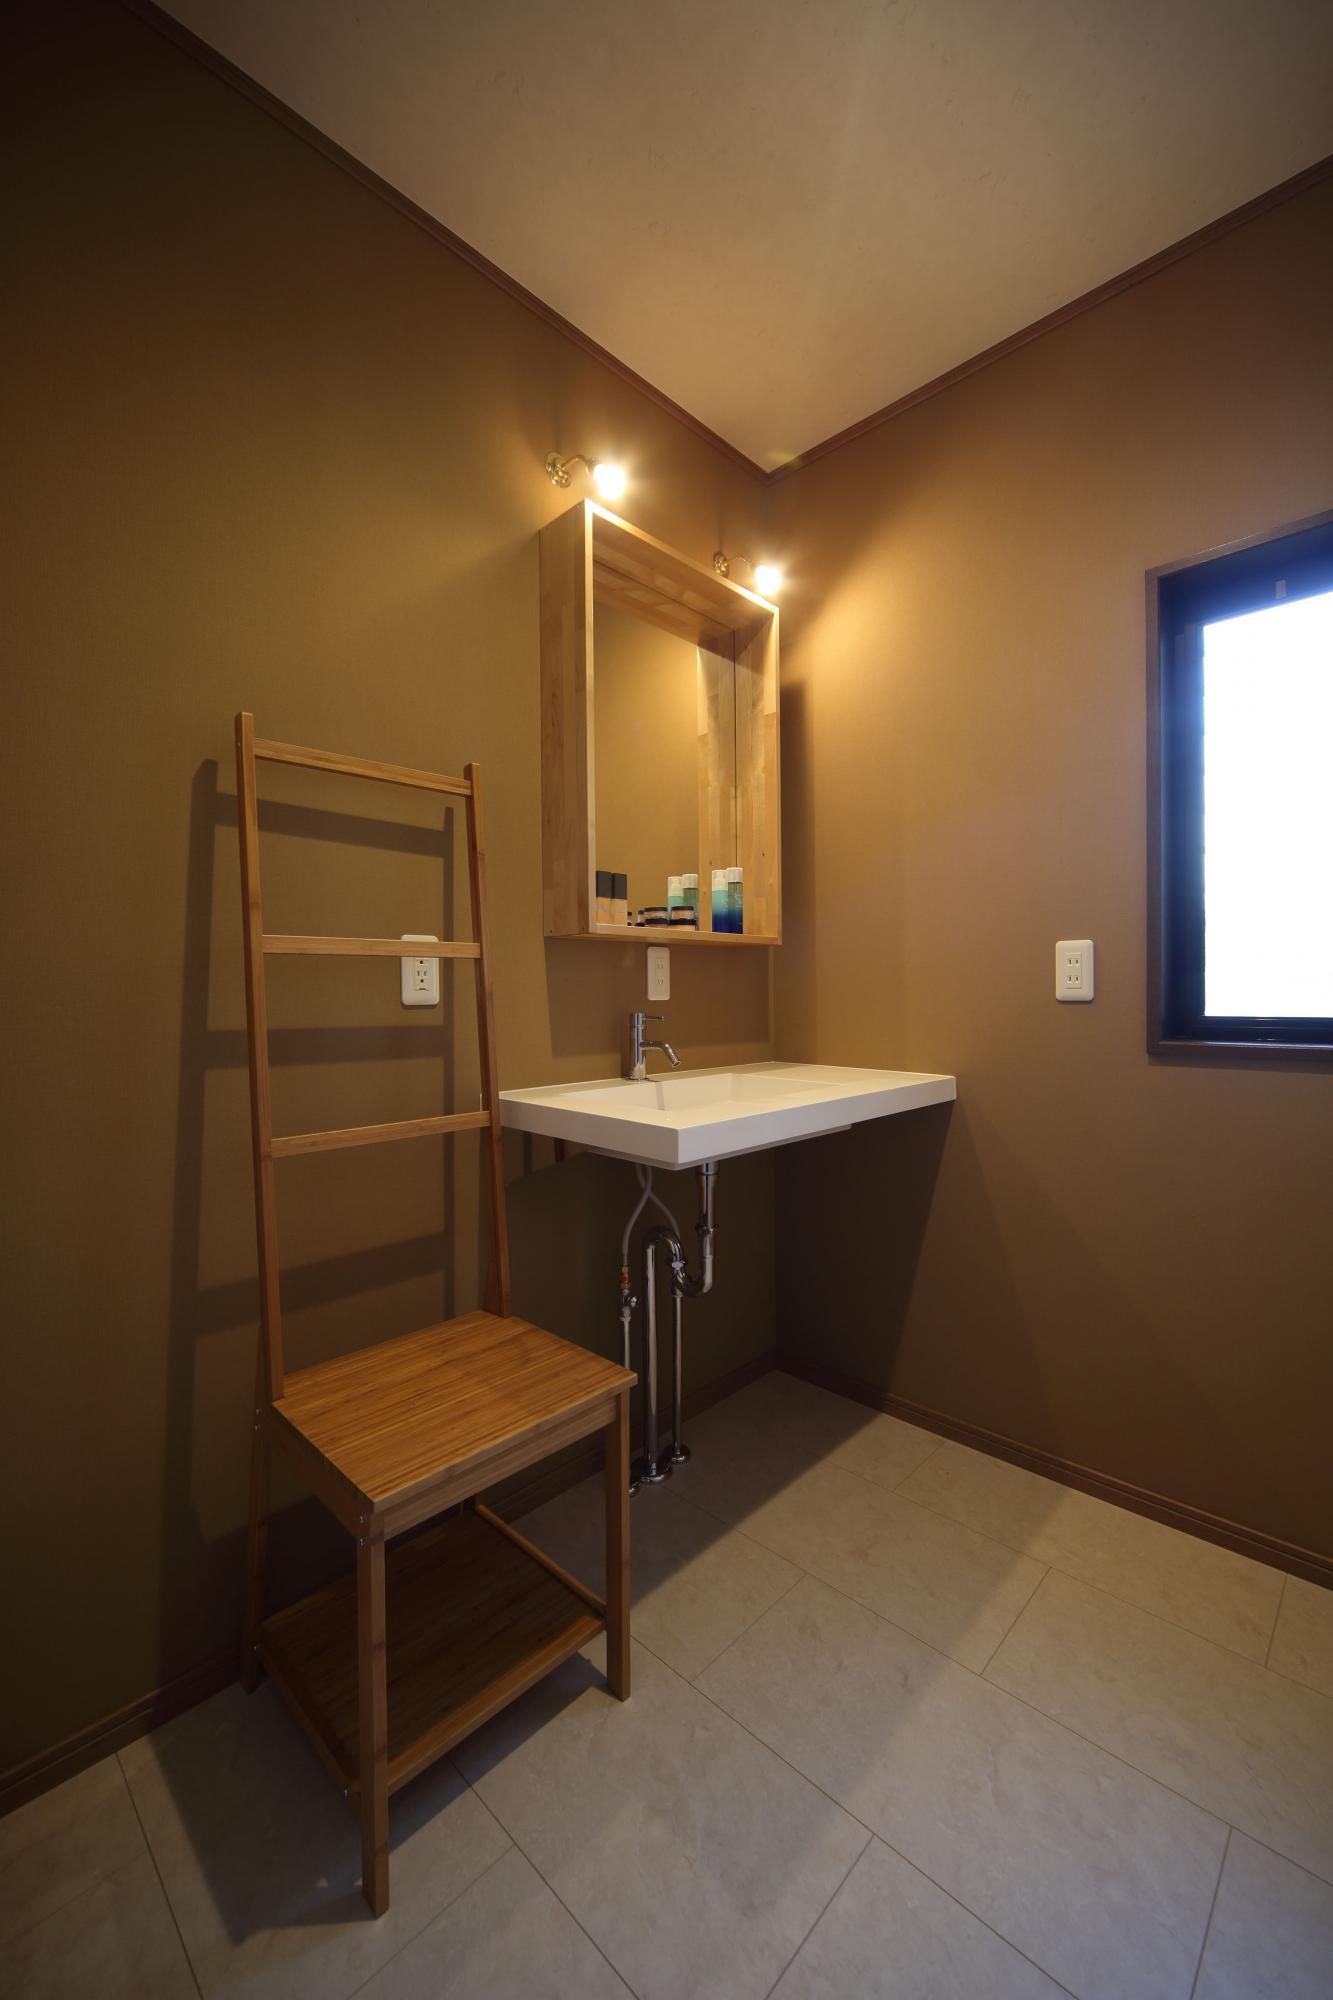 2階の洗面室はお嬢様専用。スクエアなフォルムの手洗 い器が空間の洒落たアクセントに。